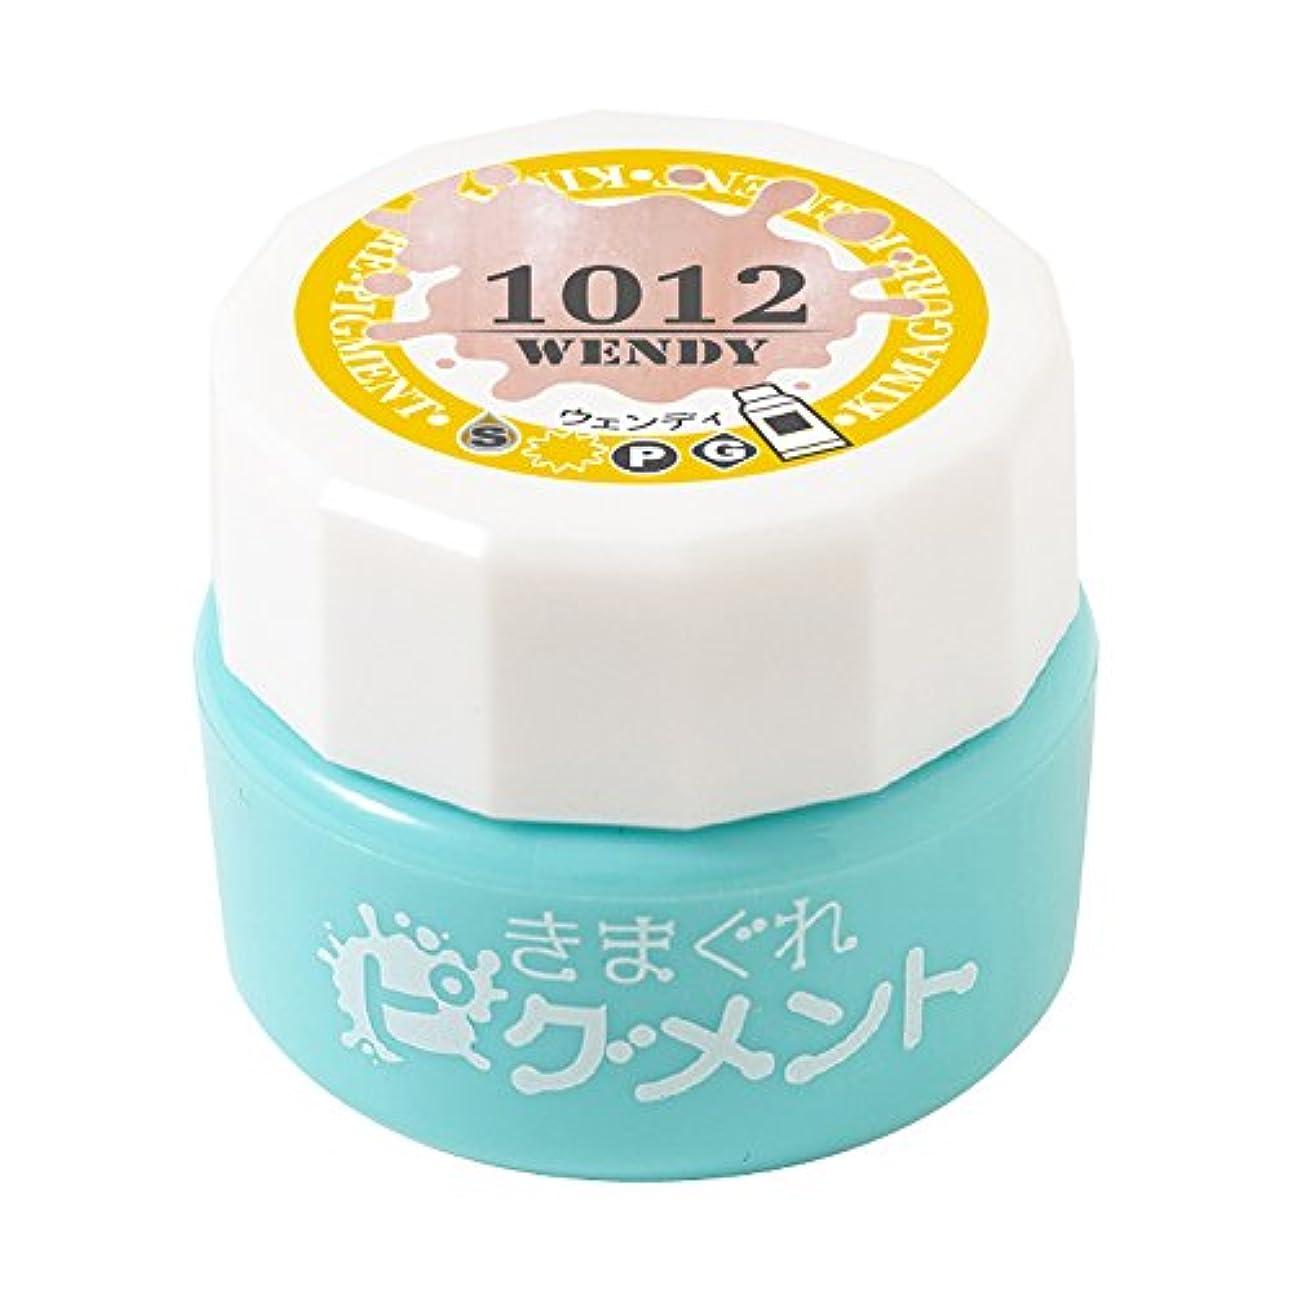 祈る代数的毒液Bettygel きまぐれピグメント ウェンディ QYJ-1012 4g UV/LED対応